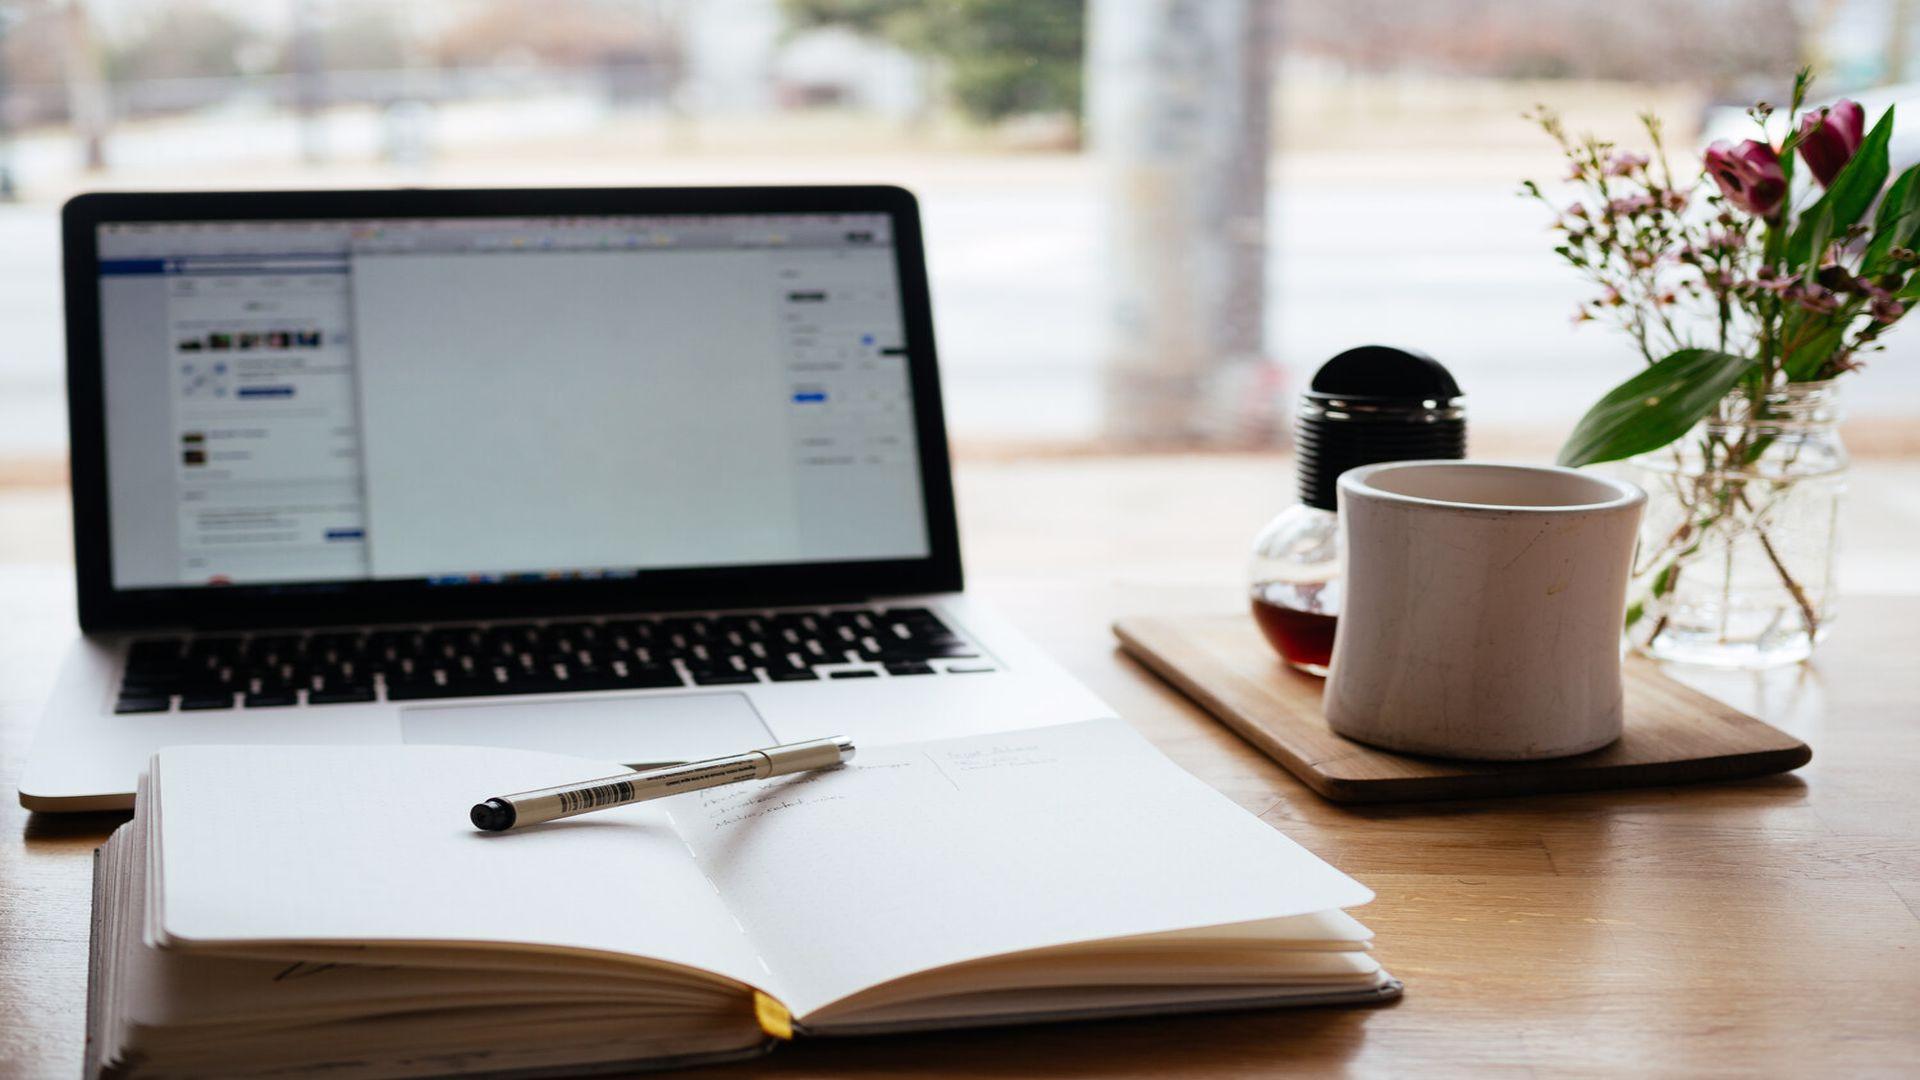 Studenții vor participa la cursuri și seminarii online și din toamnă. Revenirea la facultate, amânată